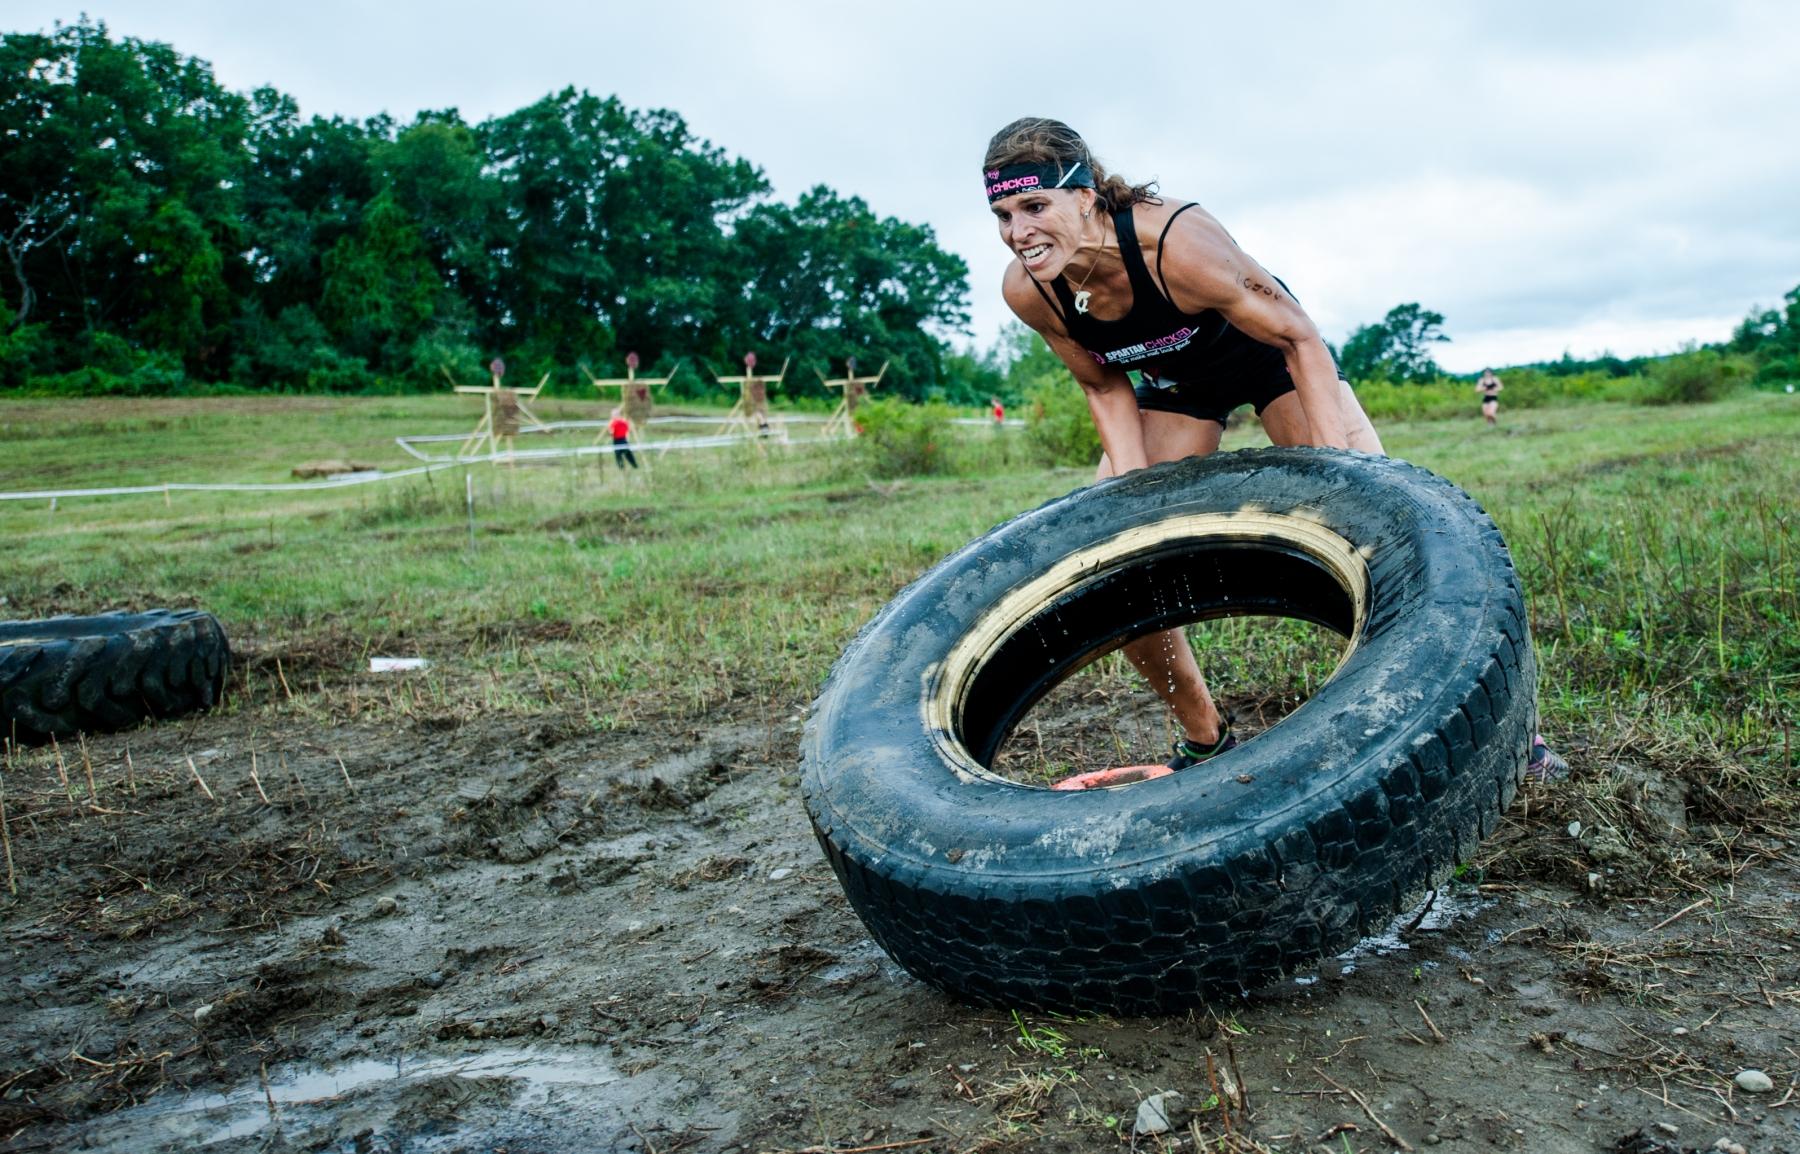 Spartan: Tire